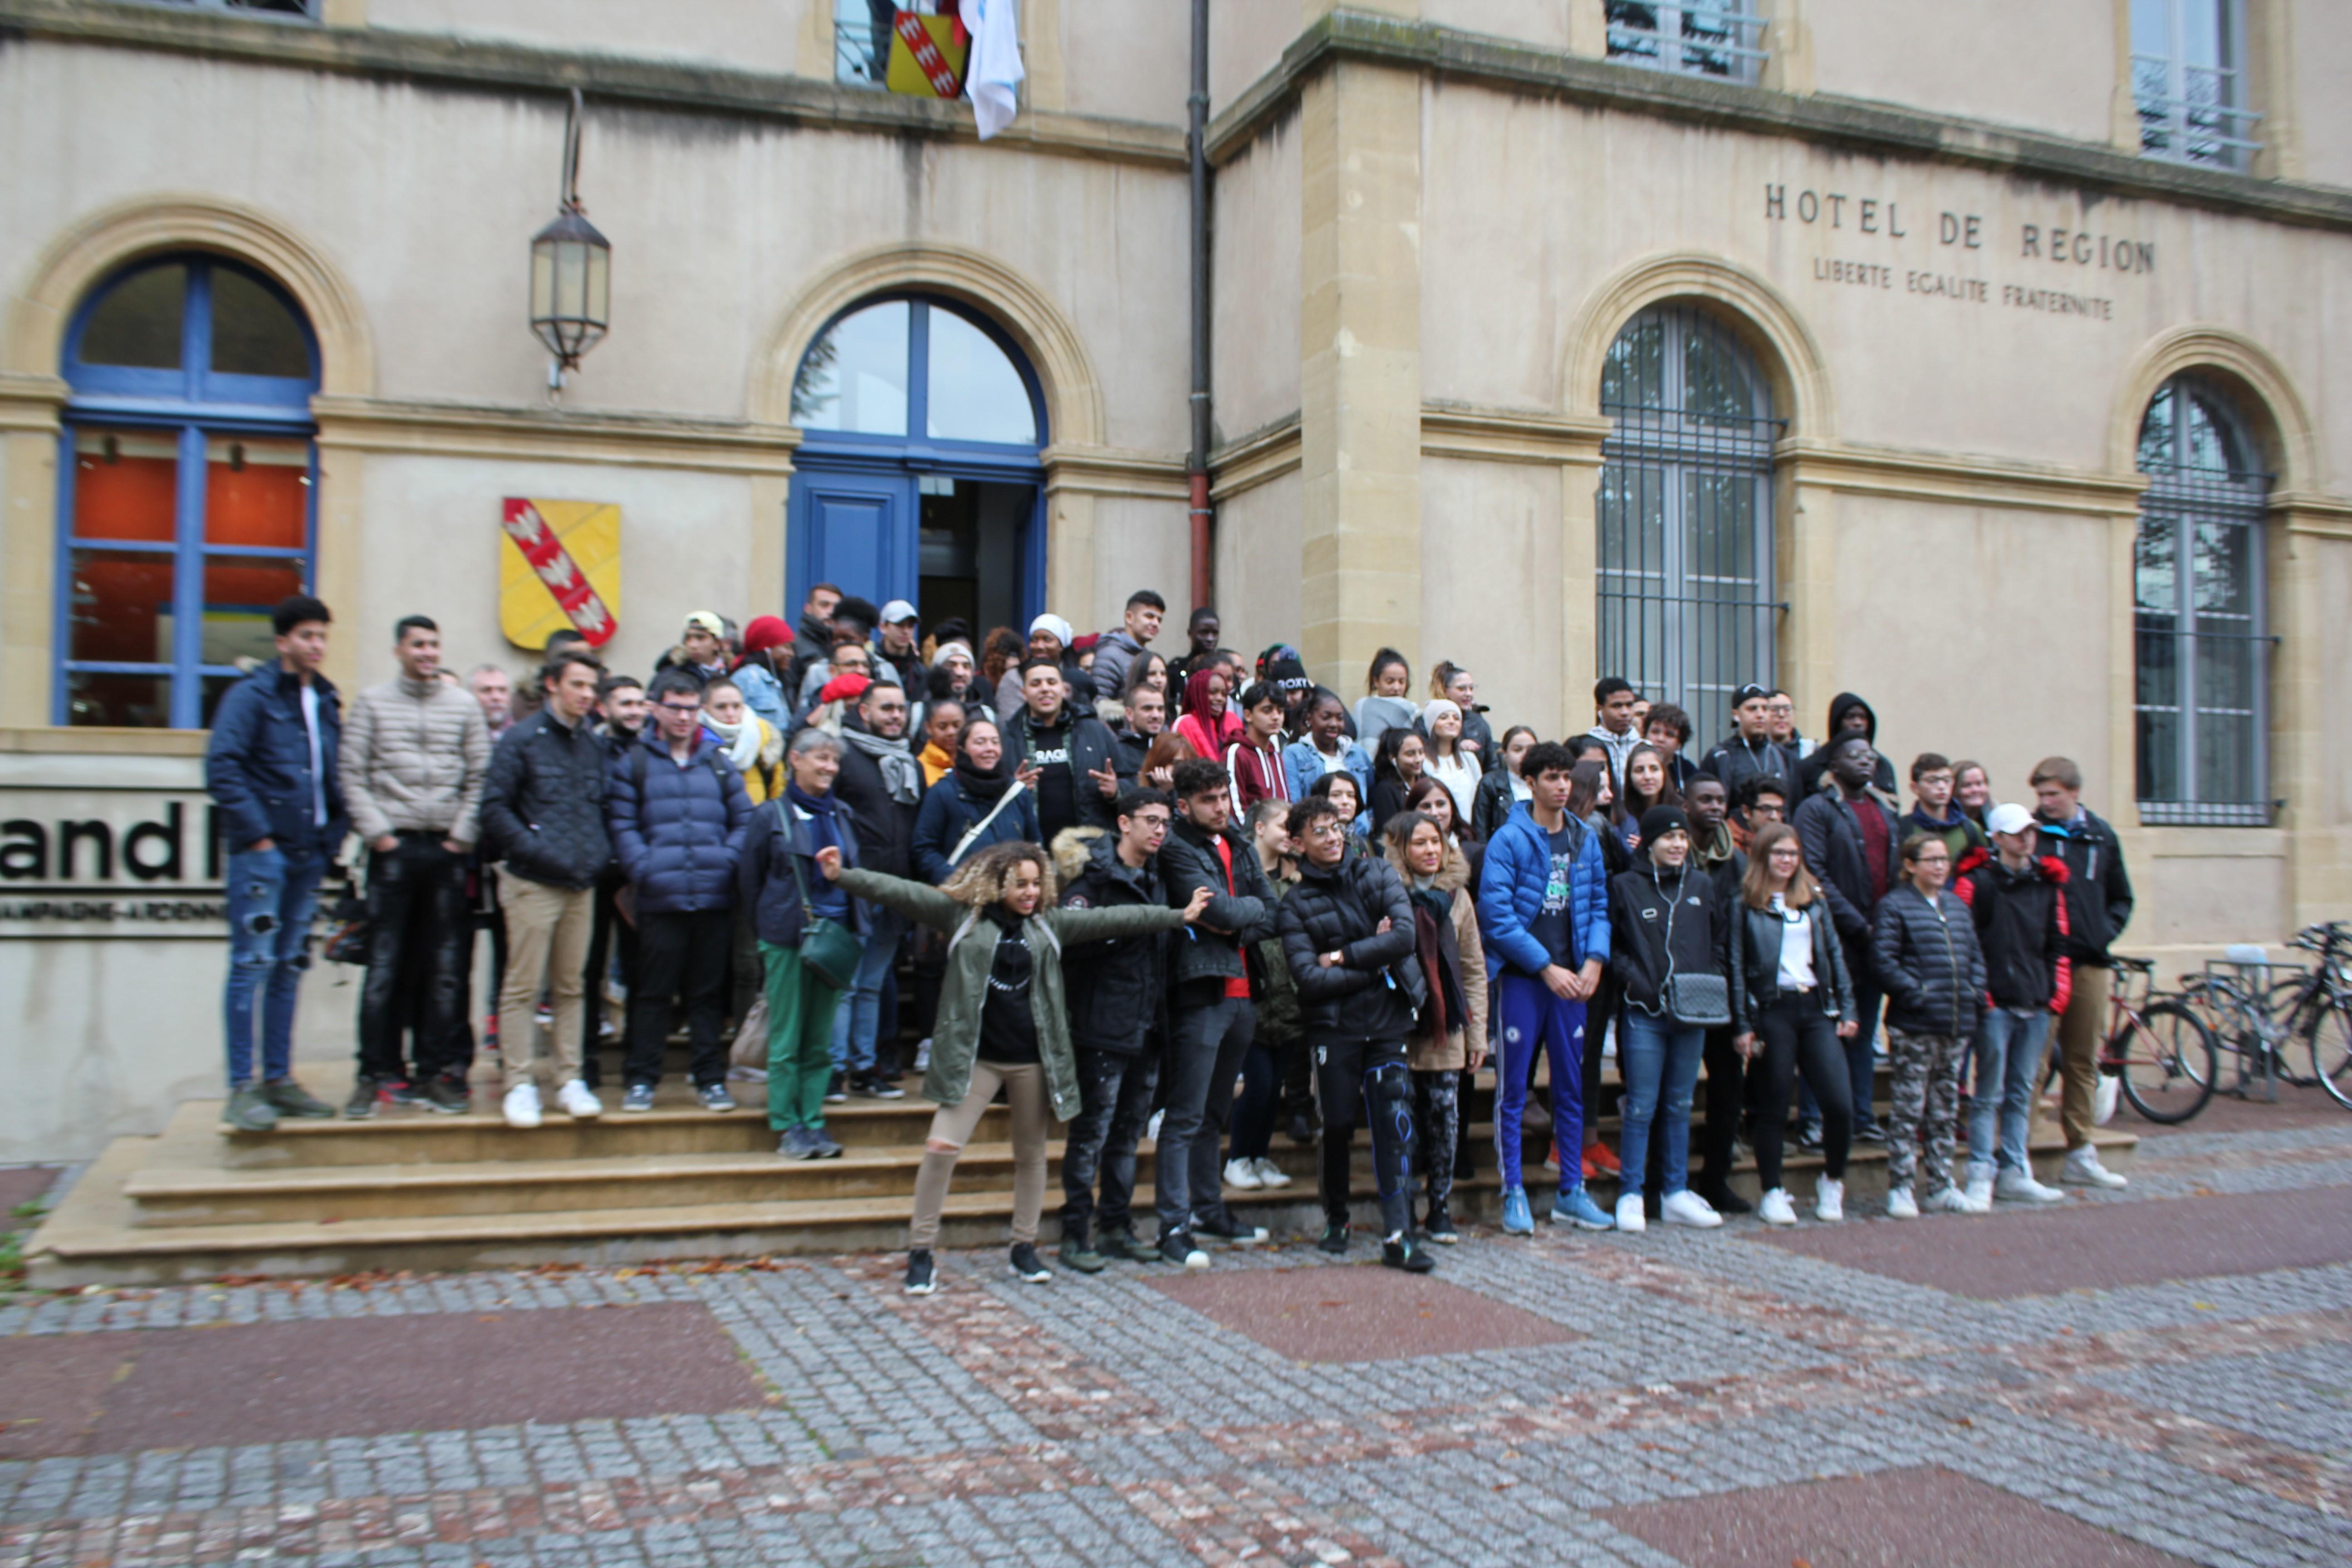 estitution des propositons pour lutter contre le sexisme au Conseil Régional de la Région Grand- Est à Metz